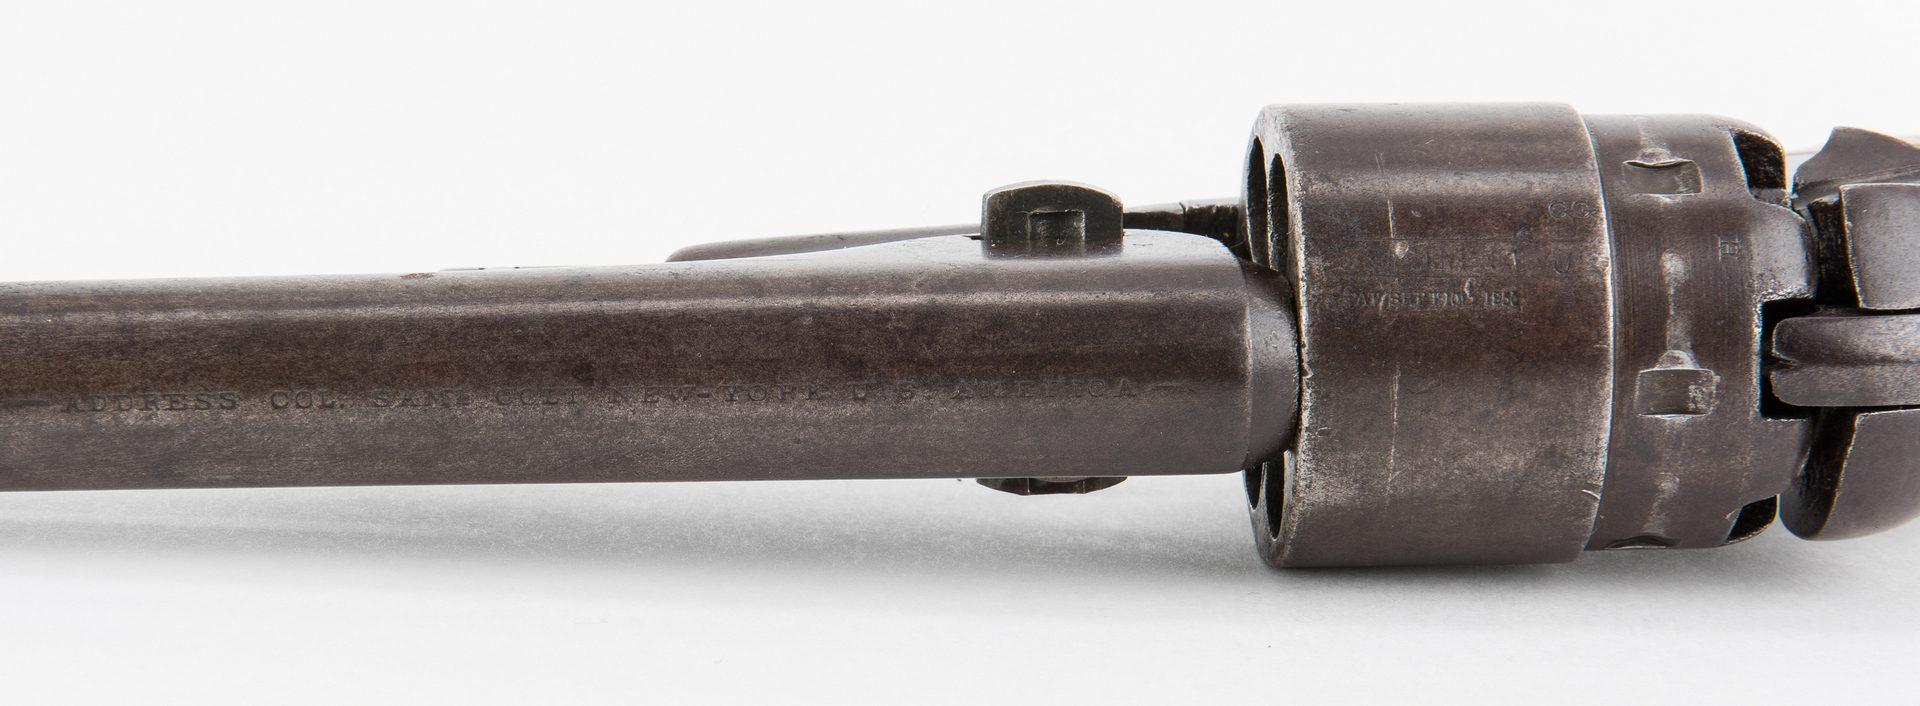 Lot 311: Civil War Era Colt Model 1860 Army Revolver, .44 Caliber